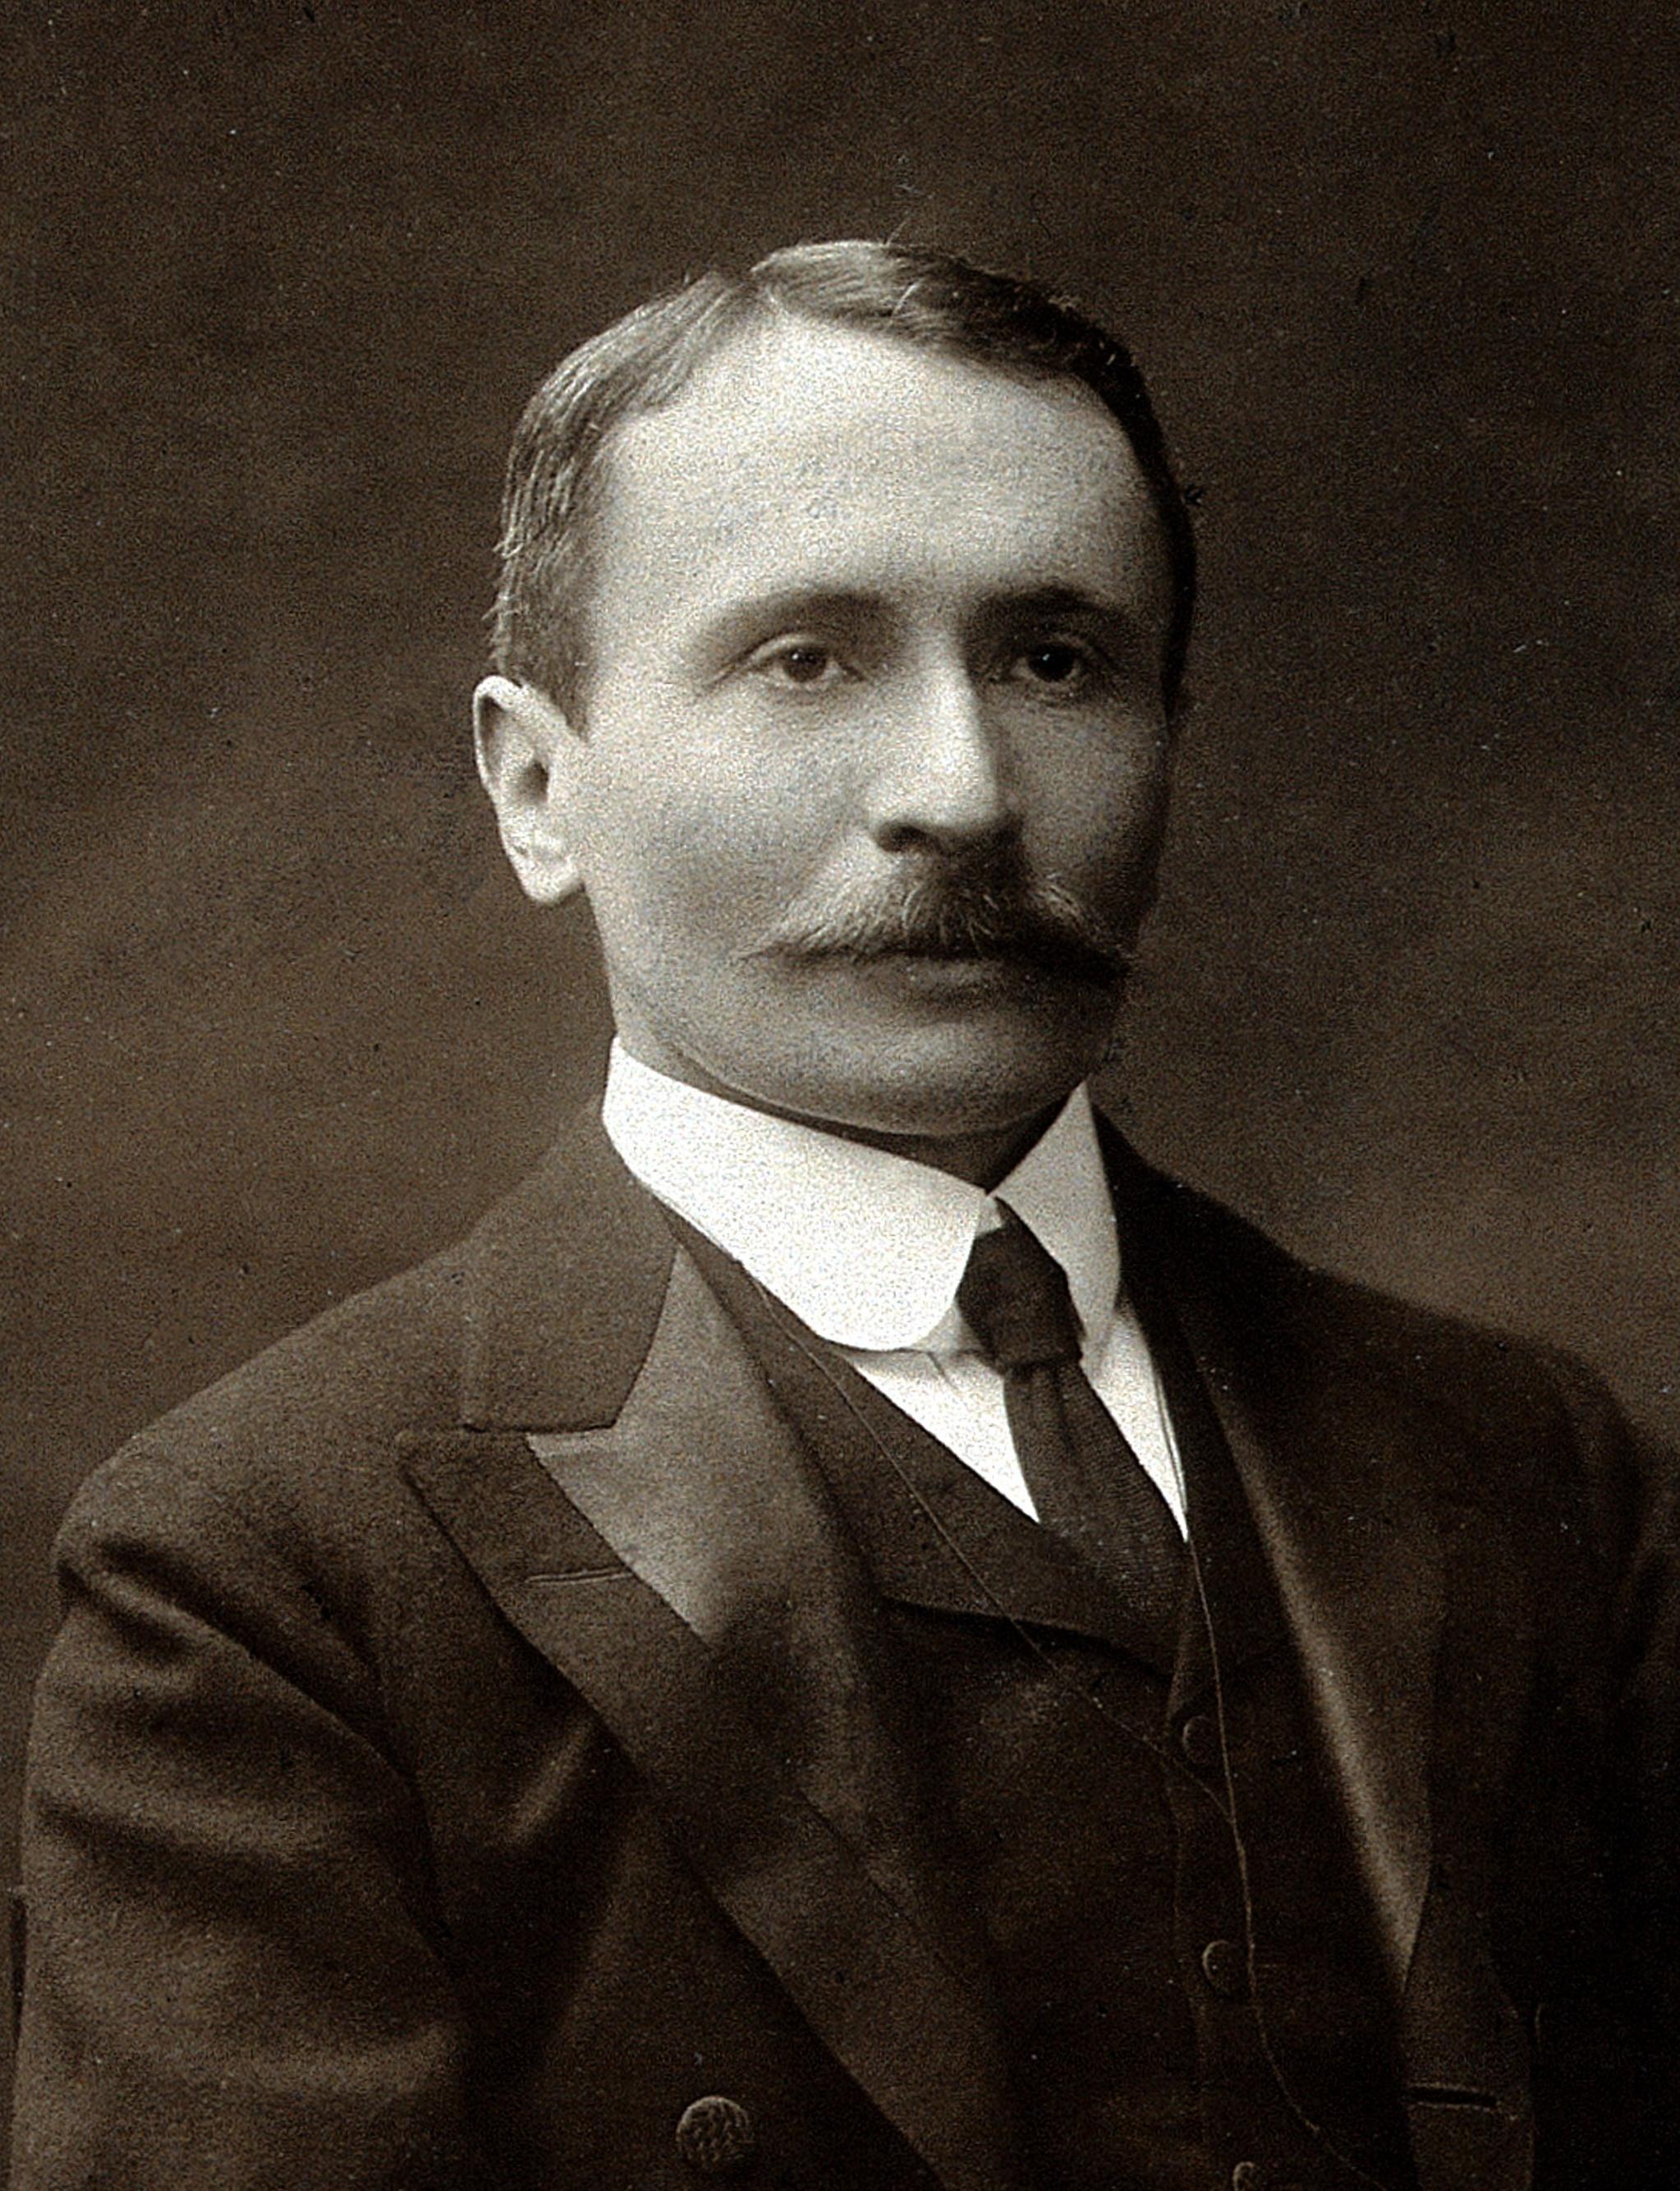 Image of Sir Aurel Stein from Wikidata